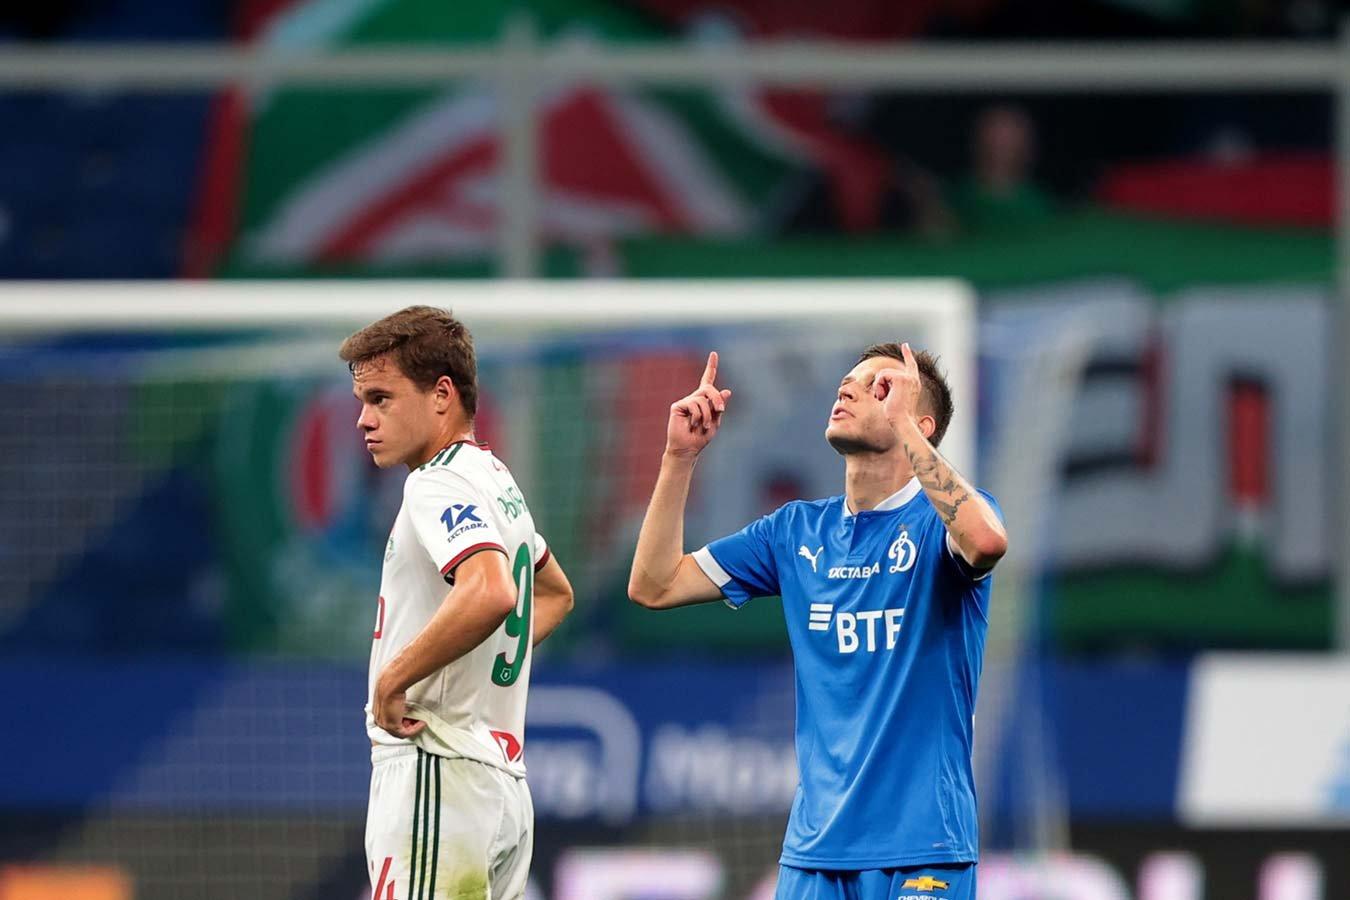 «Динамо» и «Локомотив» сыграли вничью в матче 6-го тура РПЛ